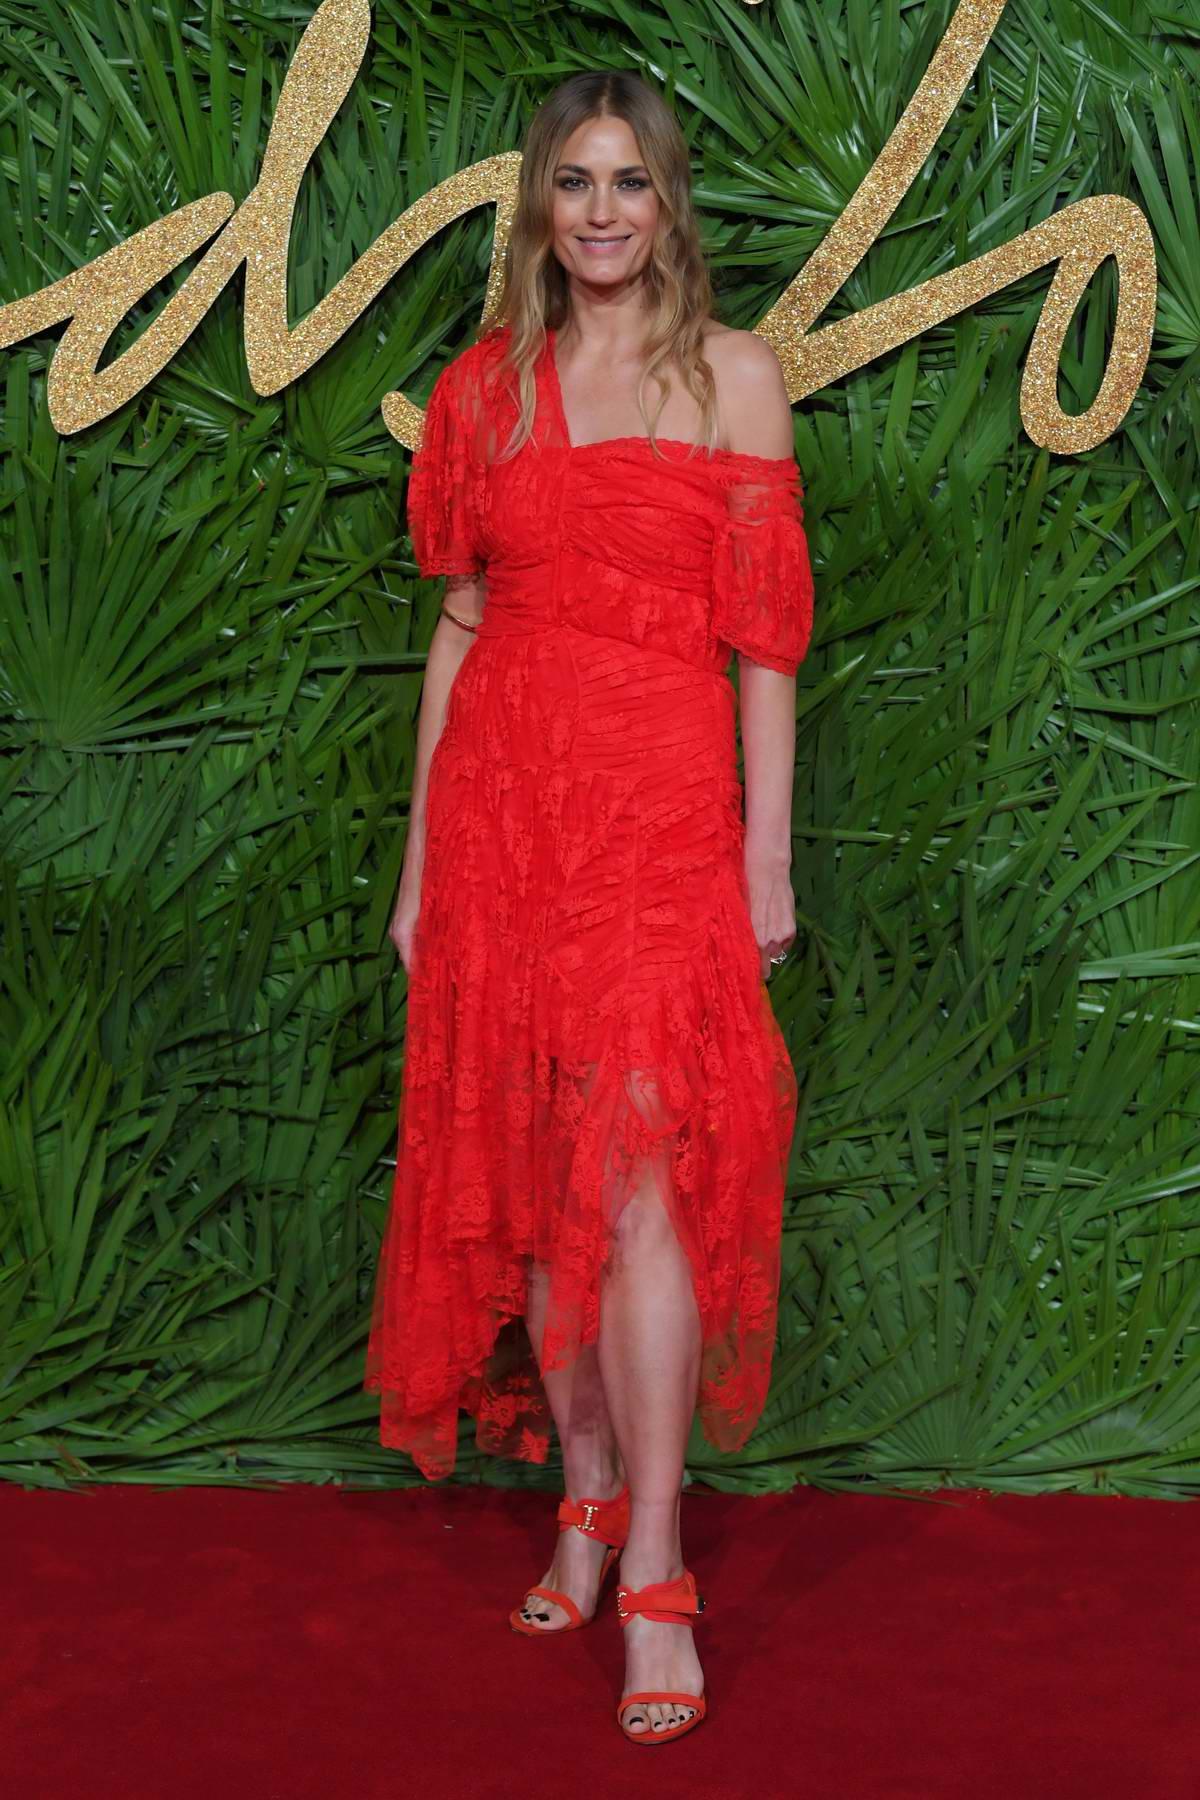 Yasmin Le Bon at The British Fashion Awards 2017 in partnership with Swarovski held at the Royal Albert Hall in London